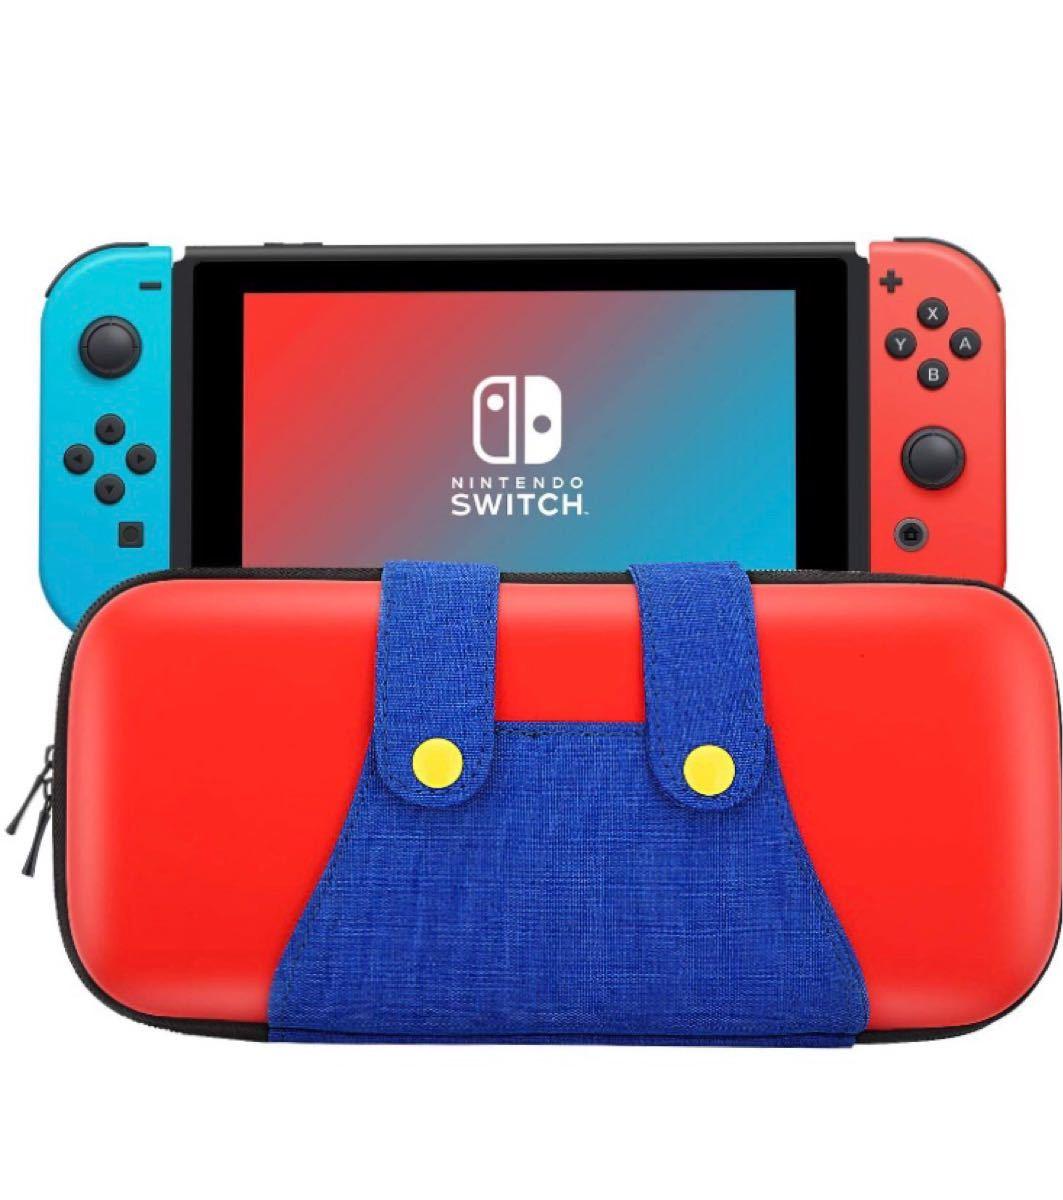 Nintendo Switchニンテンドースイッチマリオケース